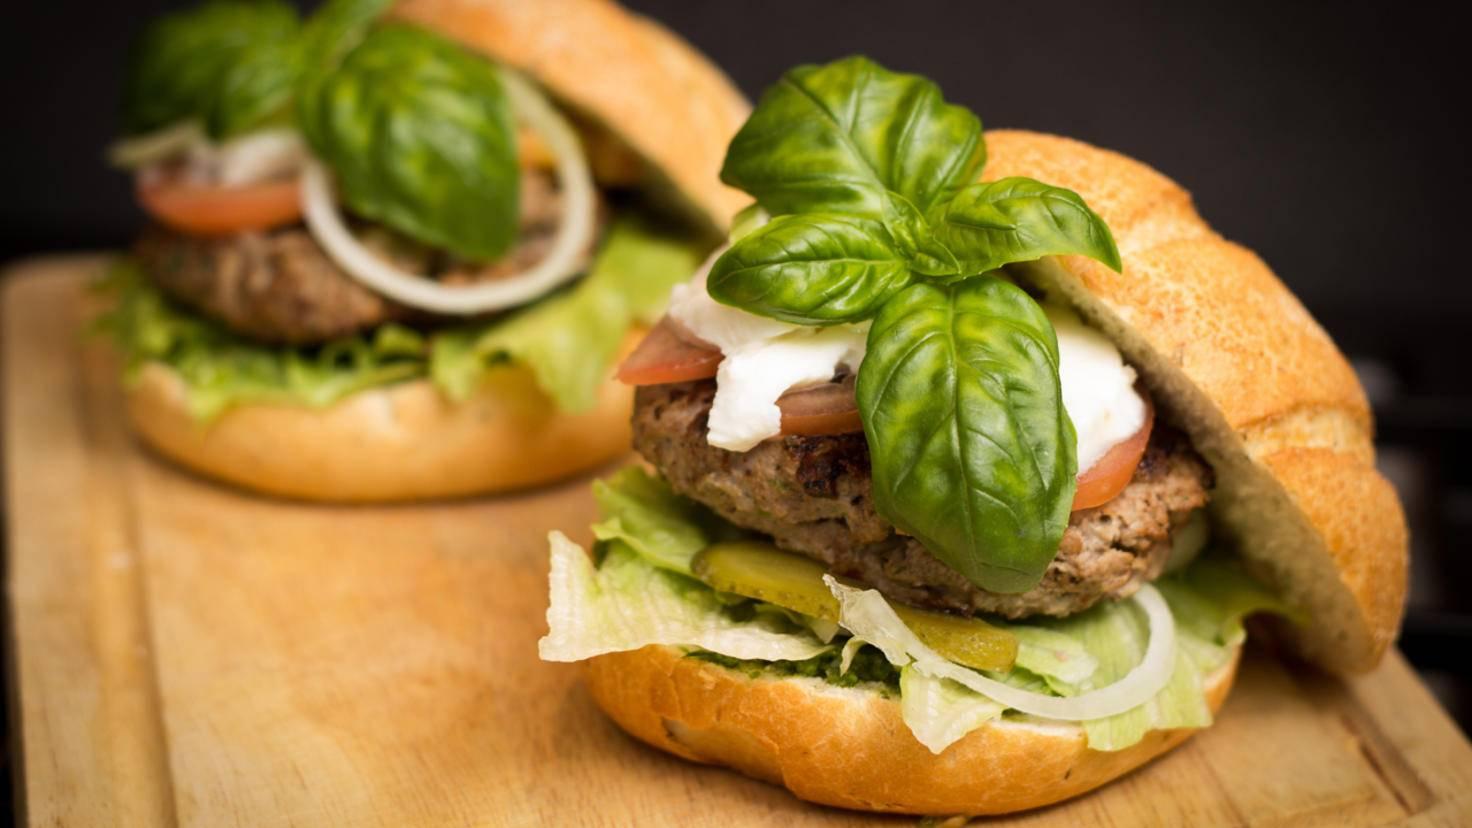 Kunstvoll geschichtete Hamburger kommen aus einem seitlichen Winkel am besten zur Geltung.